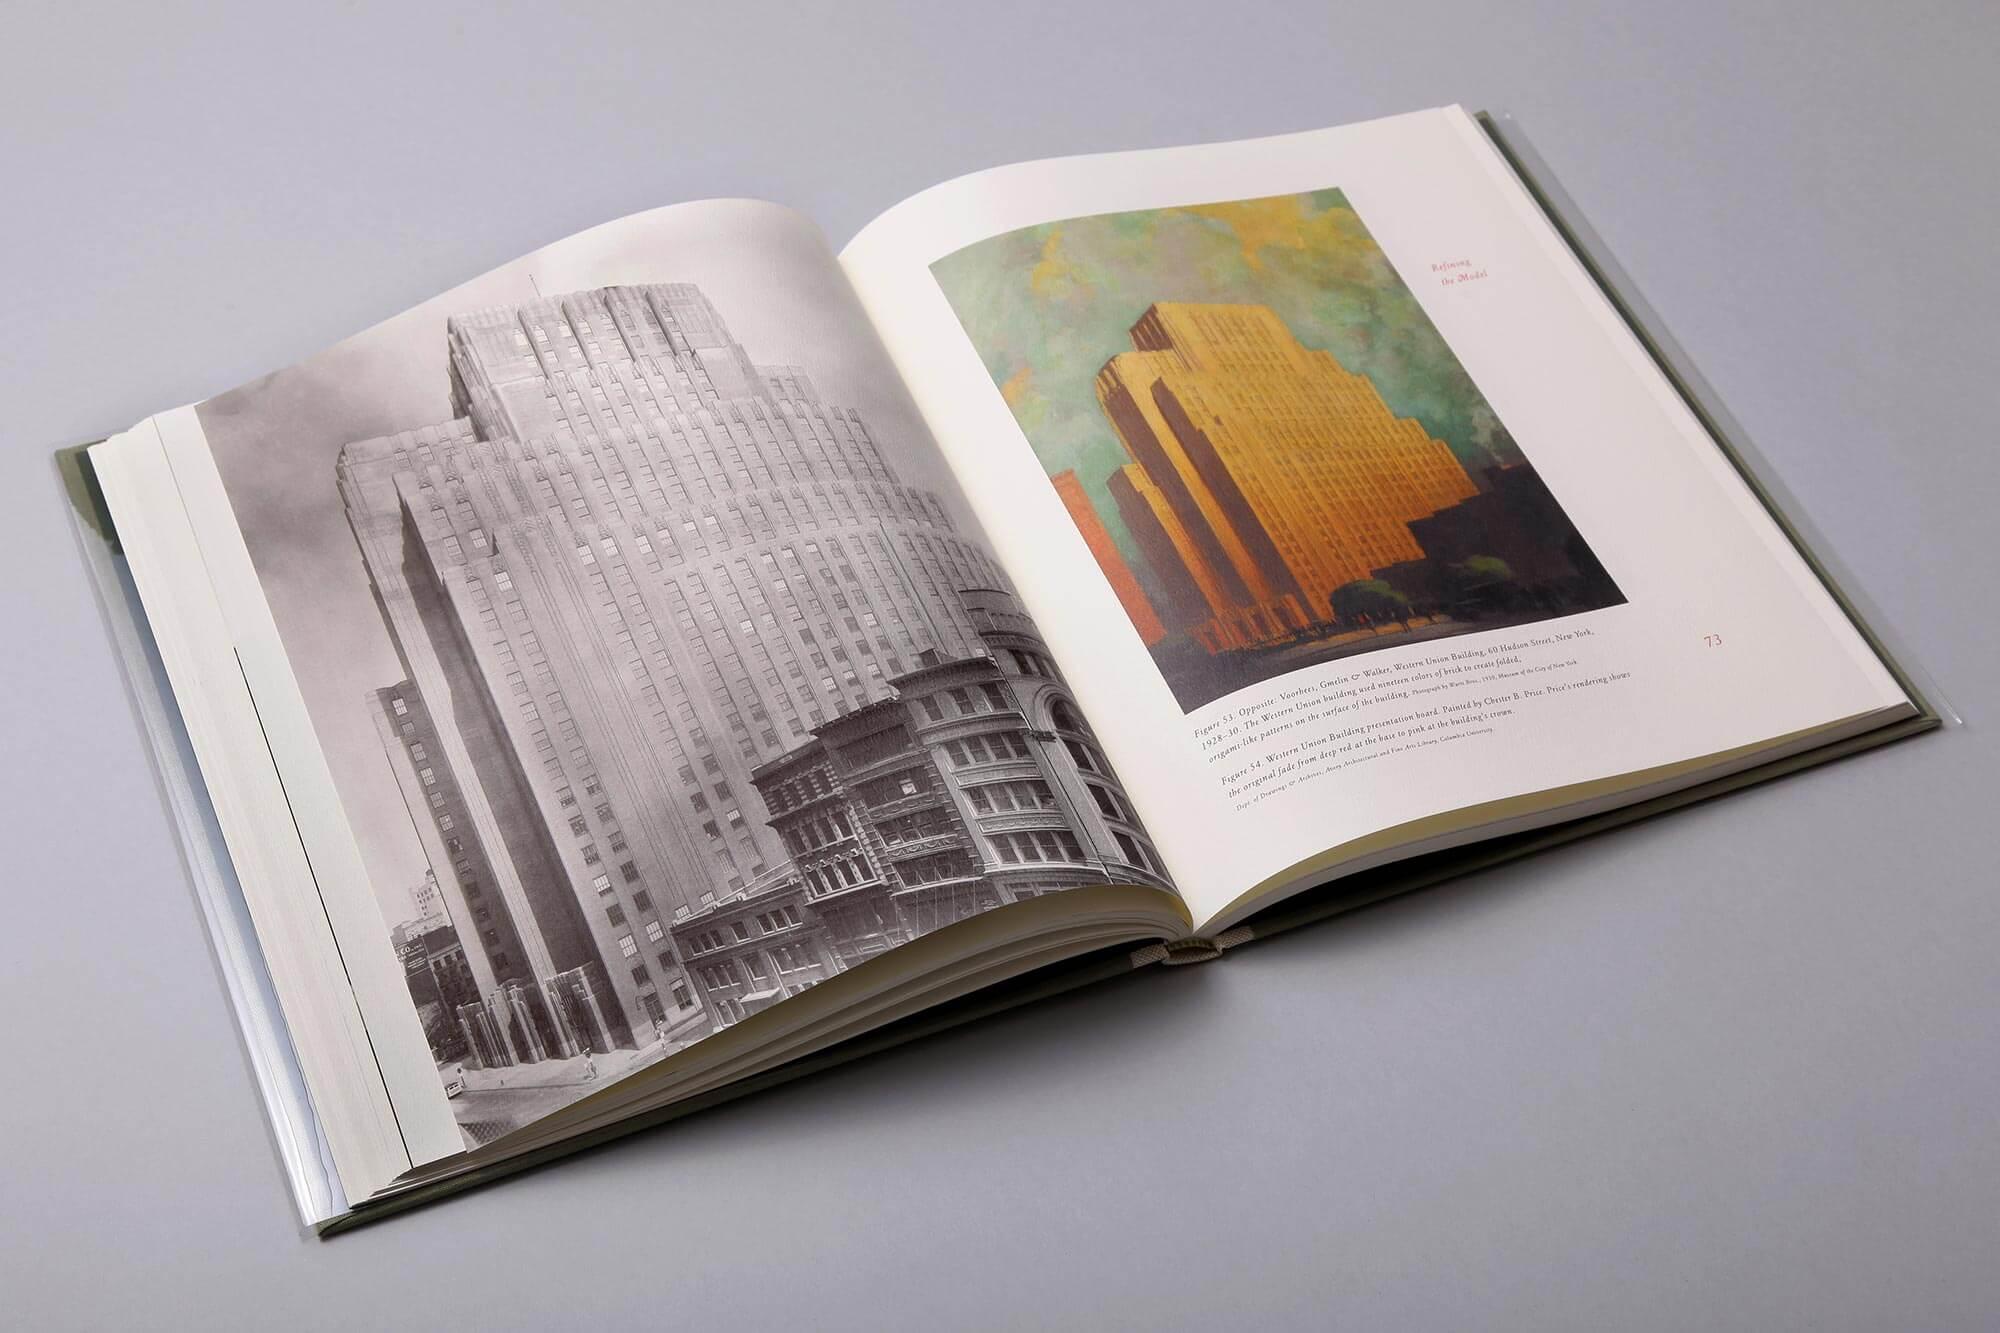 walker-tower-book-2000x1333-3